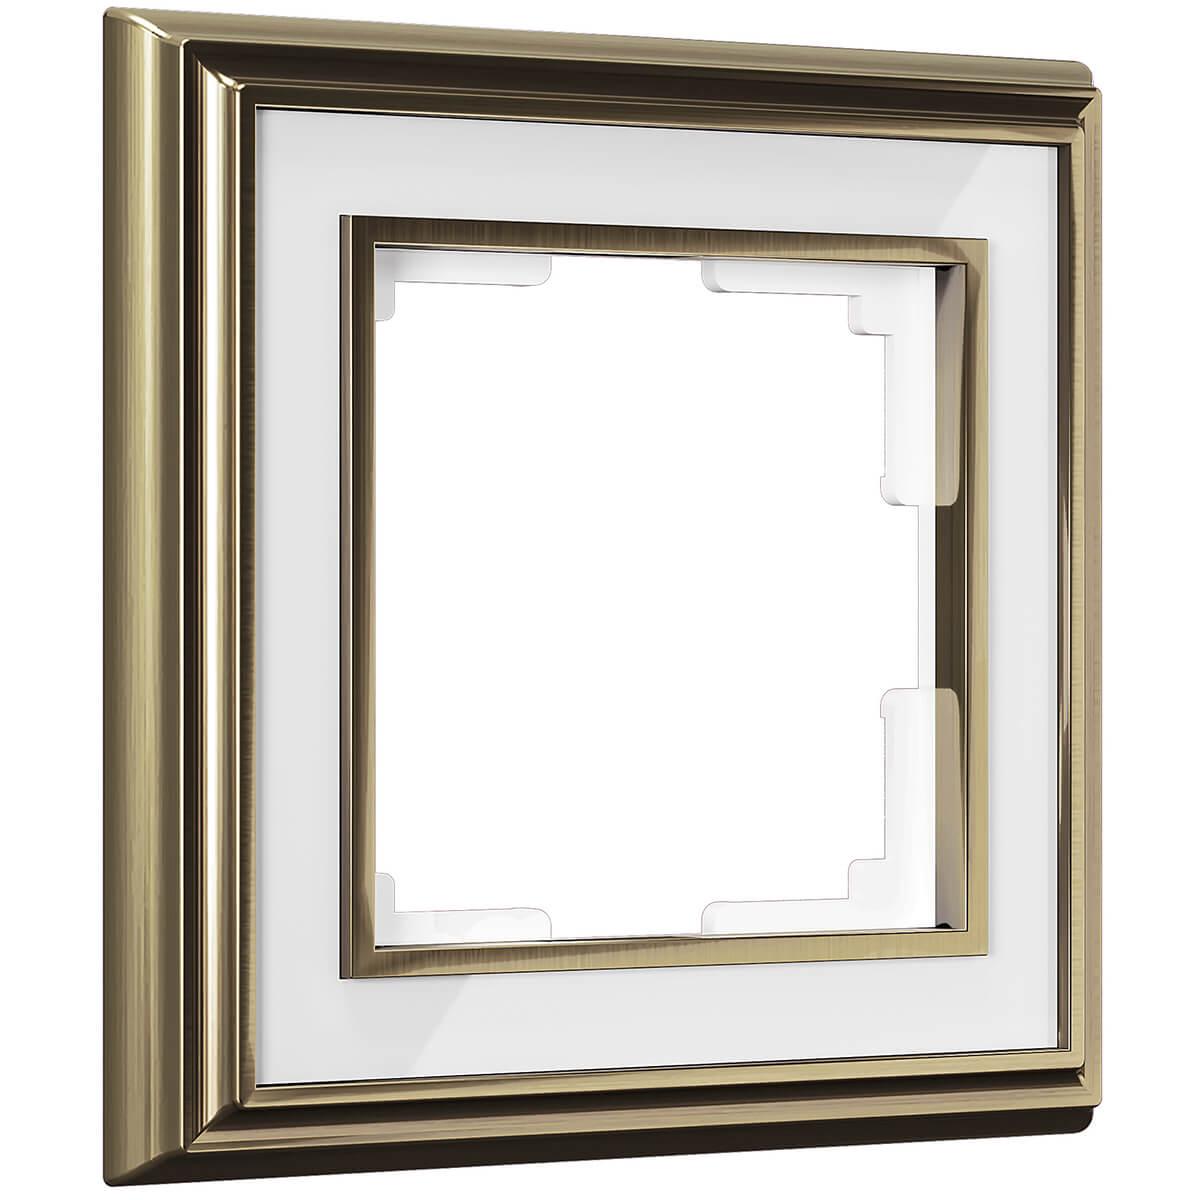 Рамка Palacio на 1 пост бронза/белый WL17-Frame-01 469038910355 рамка palacio на 1 пост золото белый wl17 frame 01 4690389103575